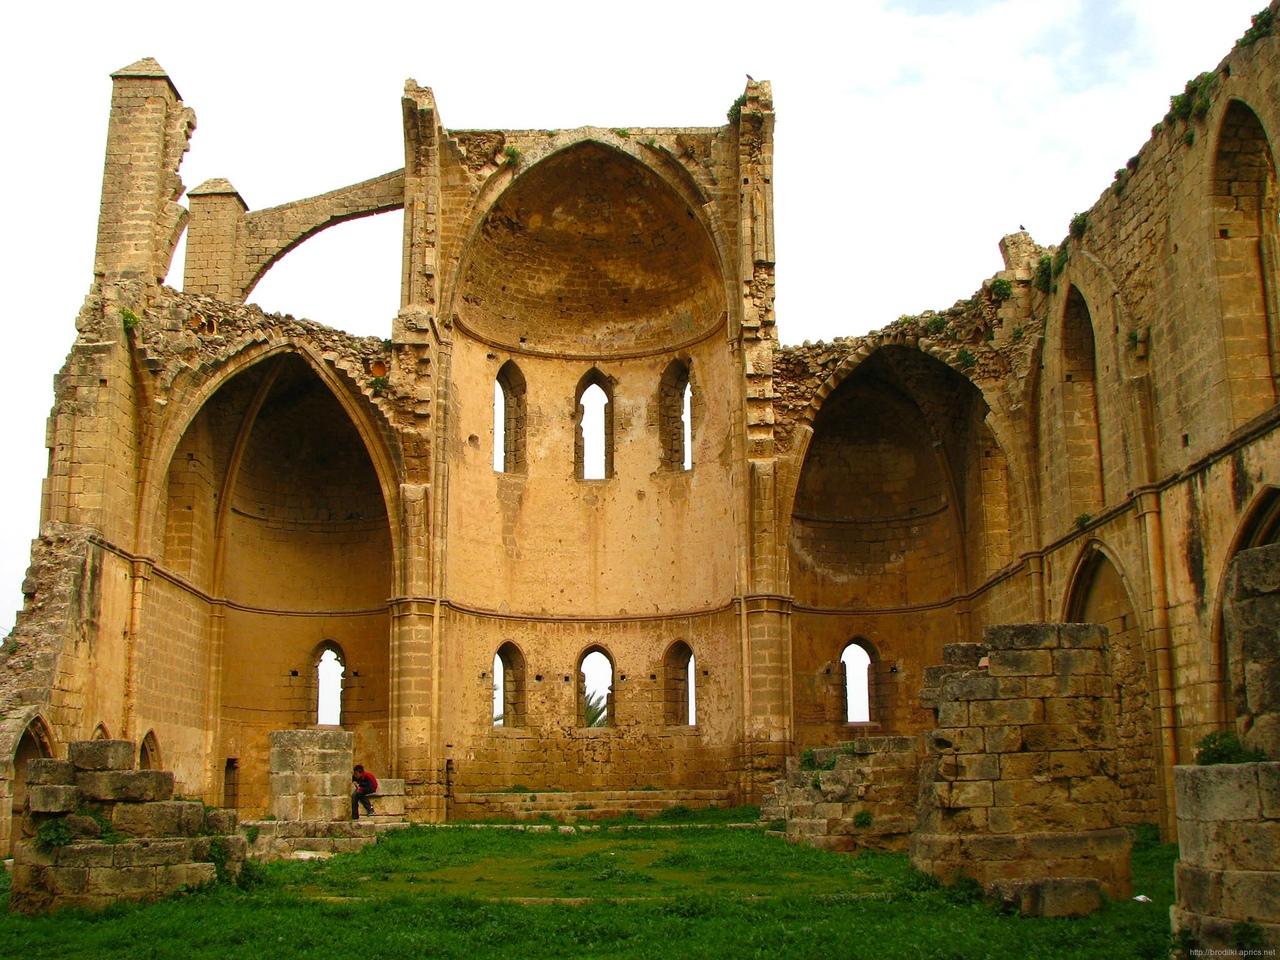 SyiSVlVH7c4 Фамагуста самый интересный город Кипра.